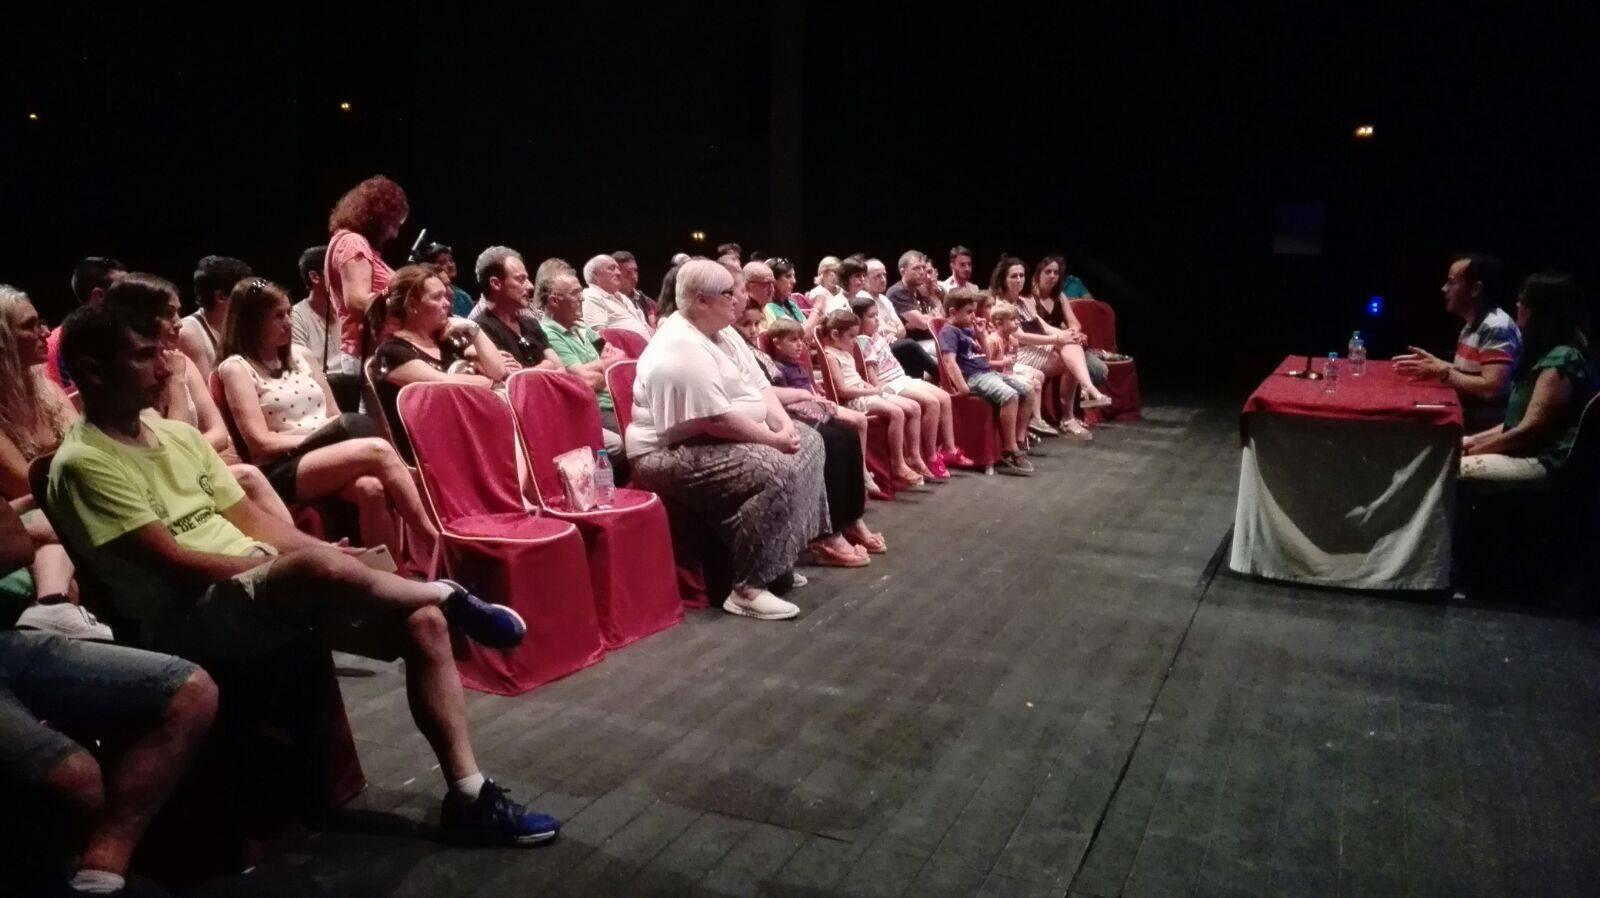 comision carnaval en auditorio herencia - La Comisión de Carnaval de Herencia habla de la Declaración de Interés Turístico Nacional